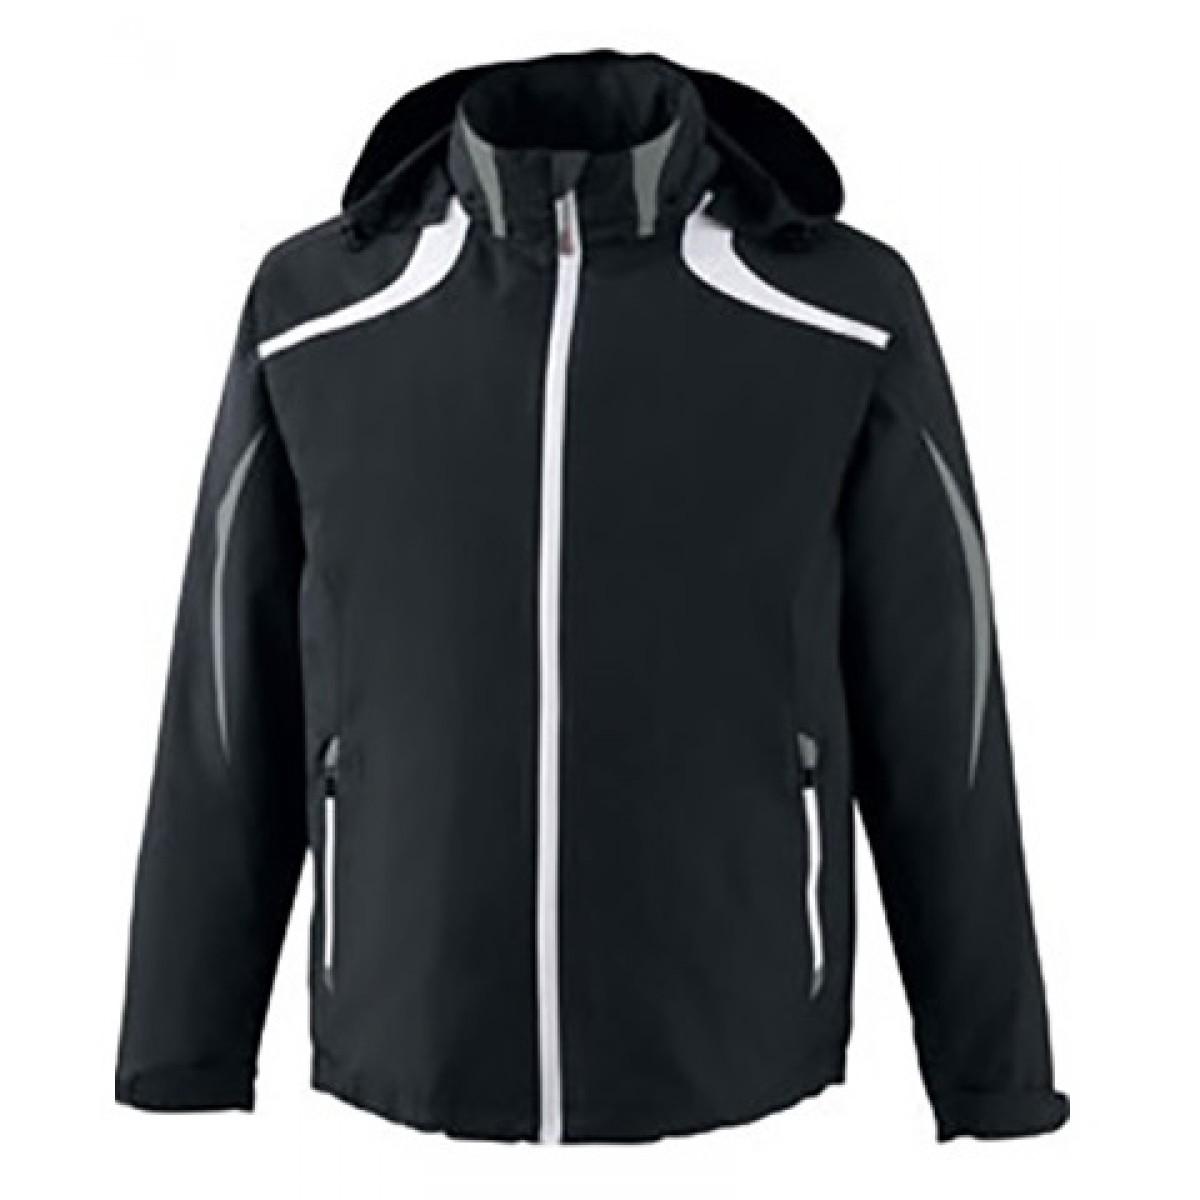 North End Men's Impact Active Lite Colorblock Jacket-Black-S